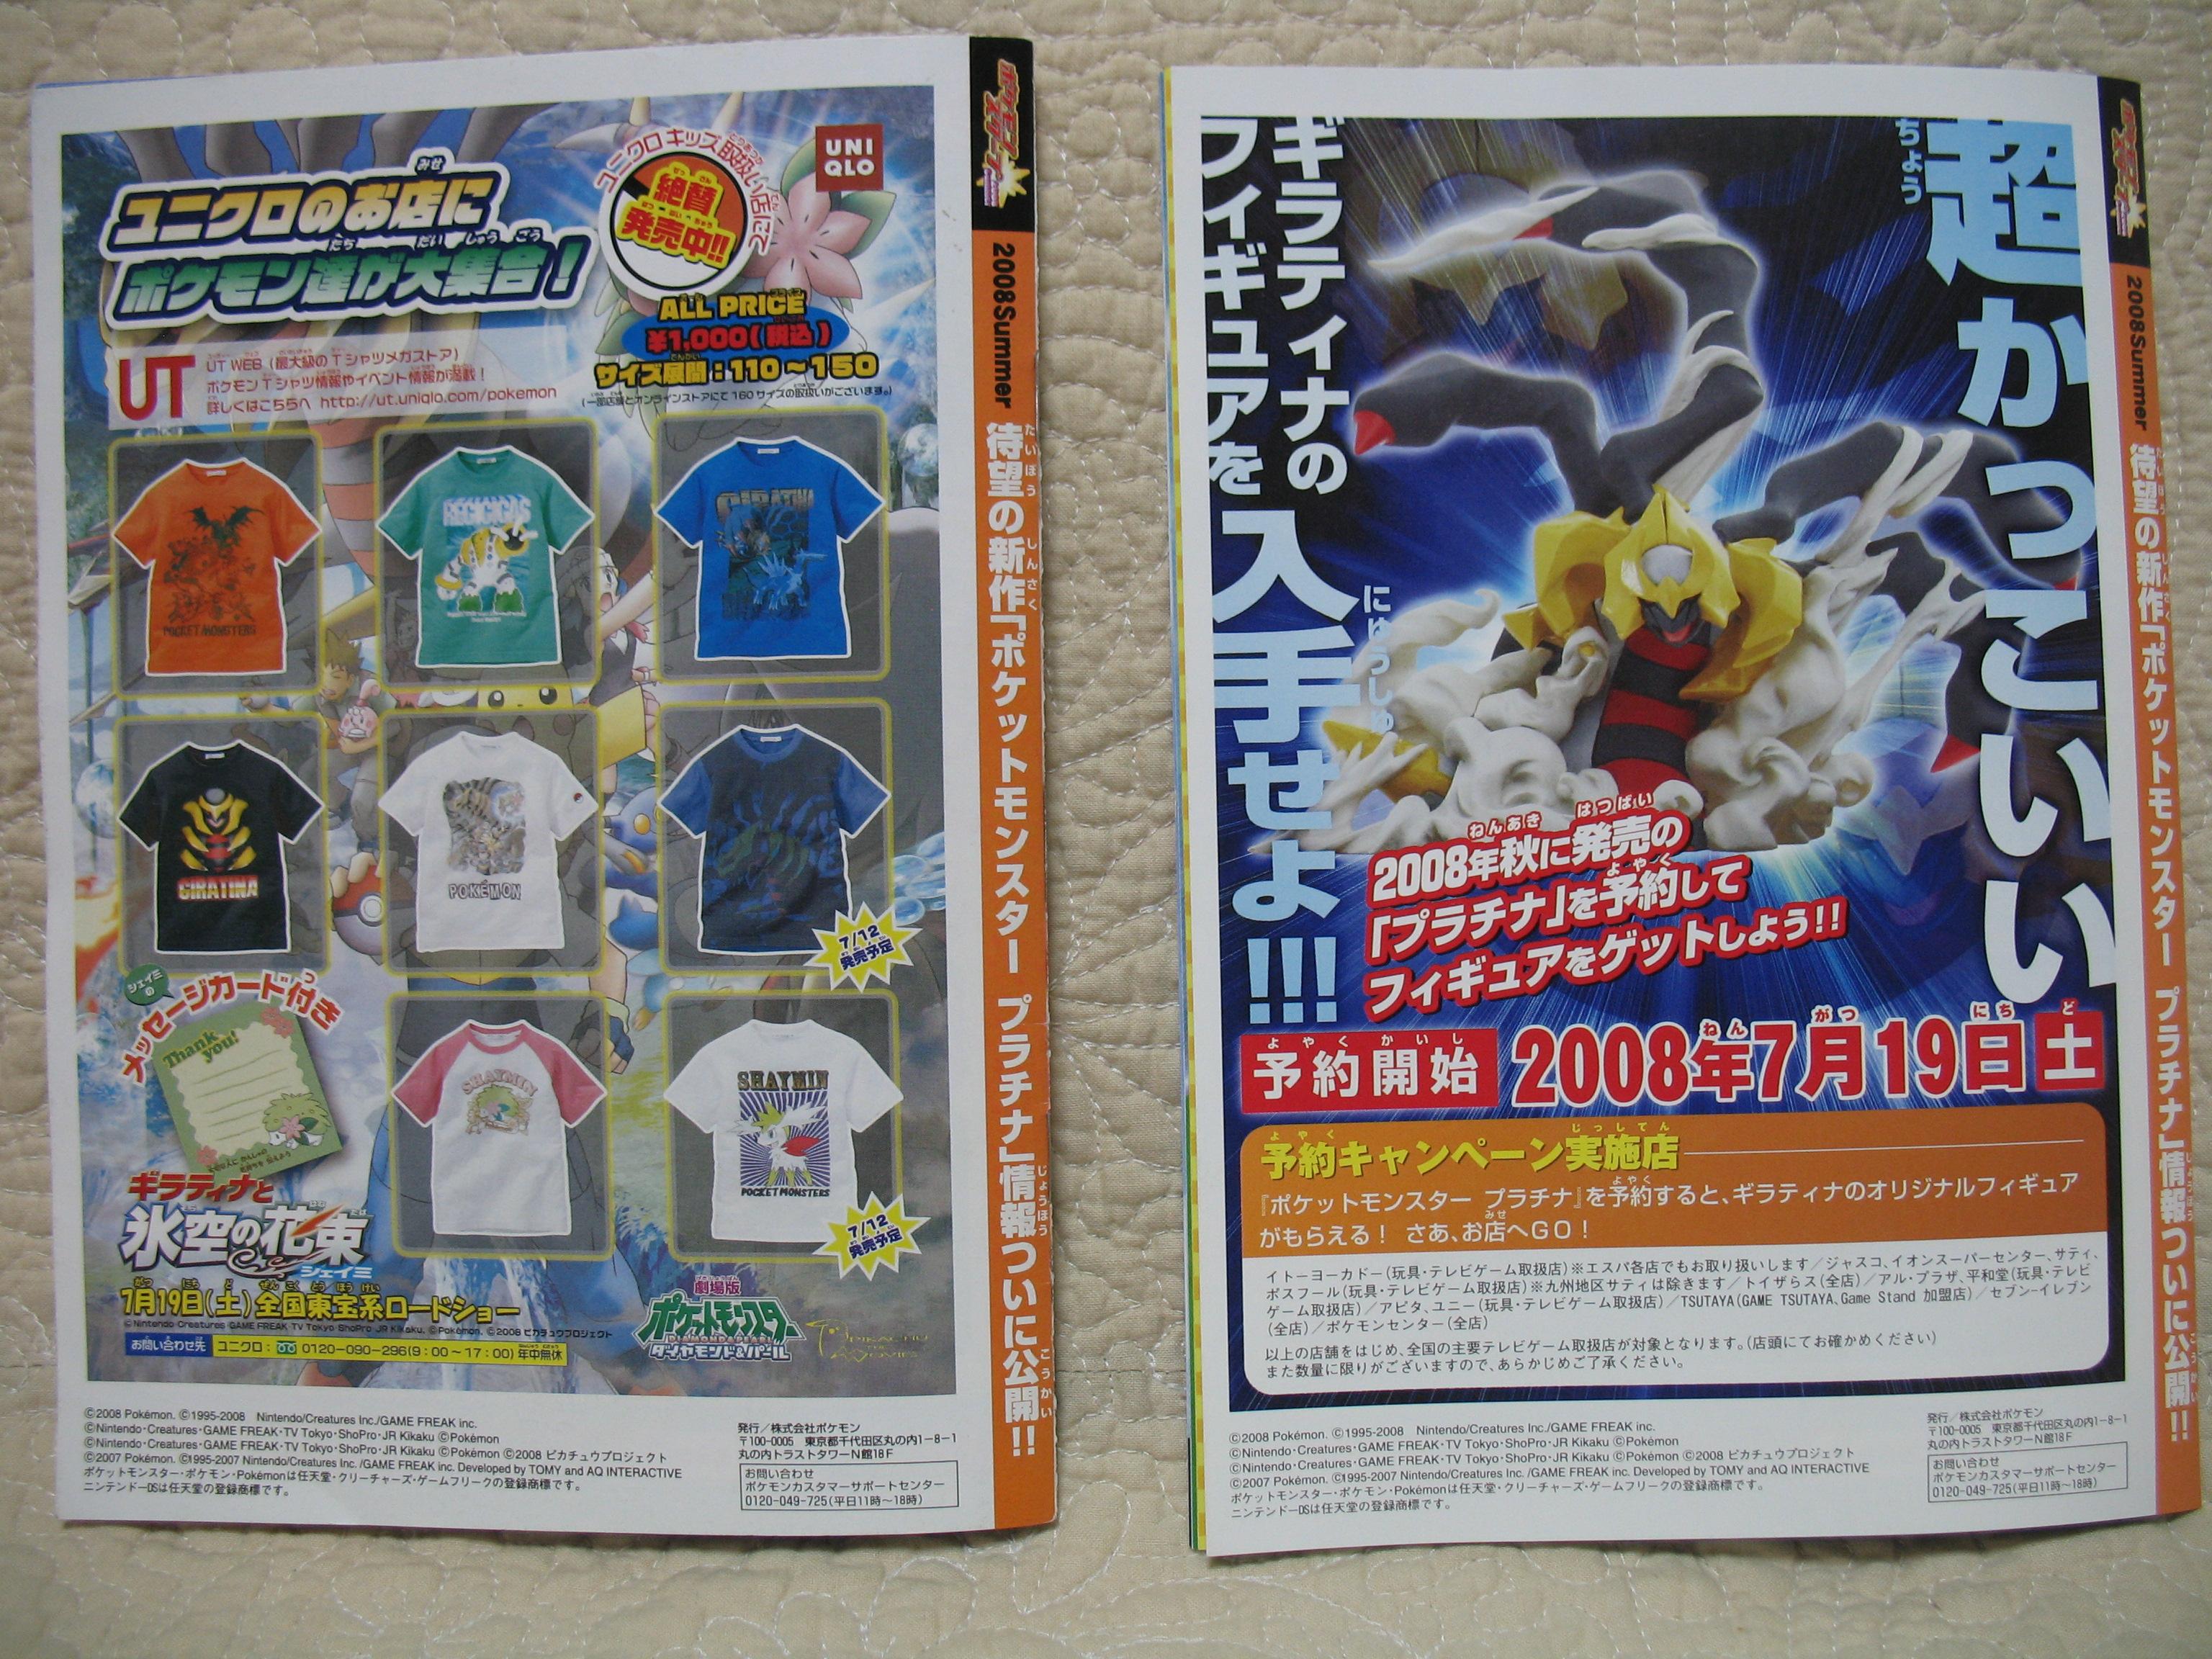 ポケモンスクープ 2008 summer: なすびんちゃ~通信